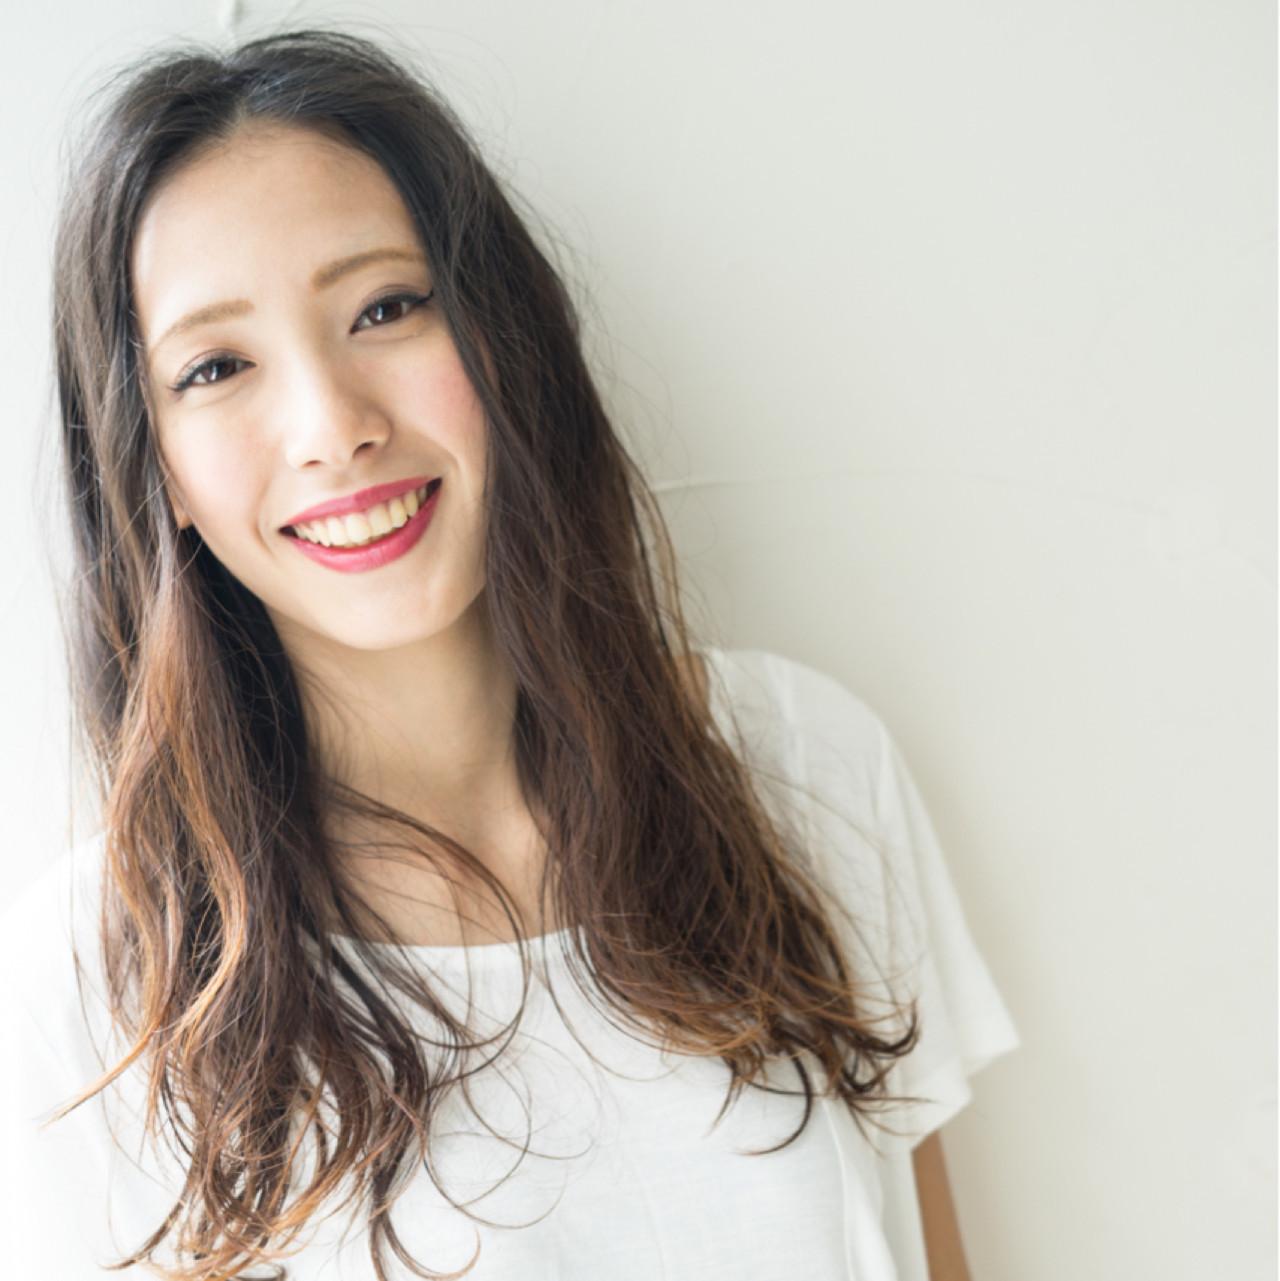 かきあげ風センターパートはカジュアルな可愛さ 山田涼一